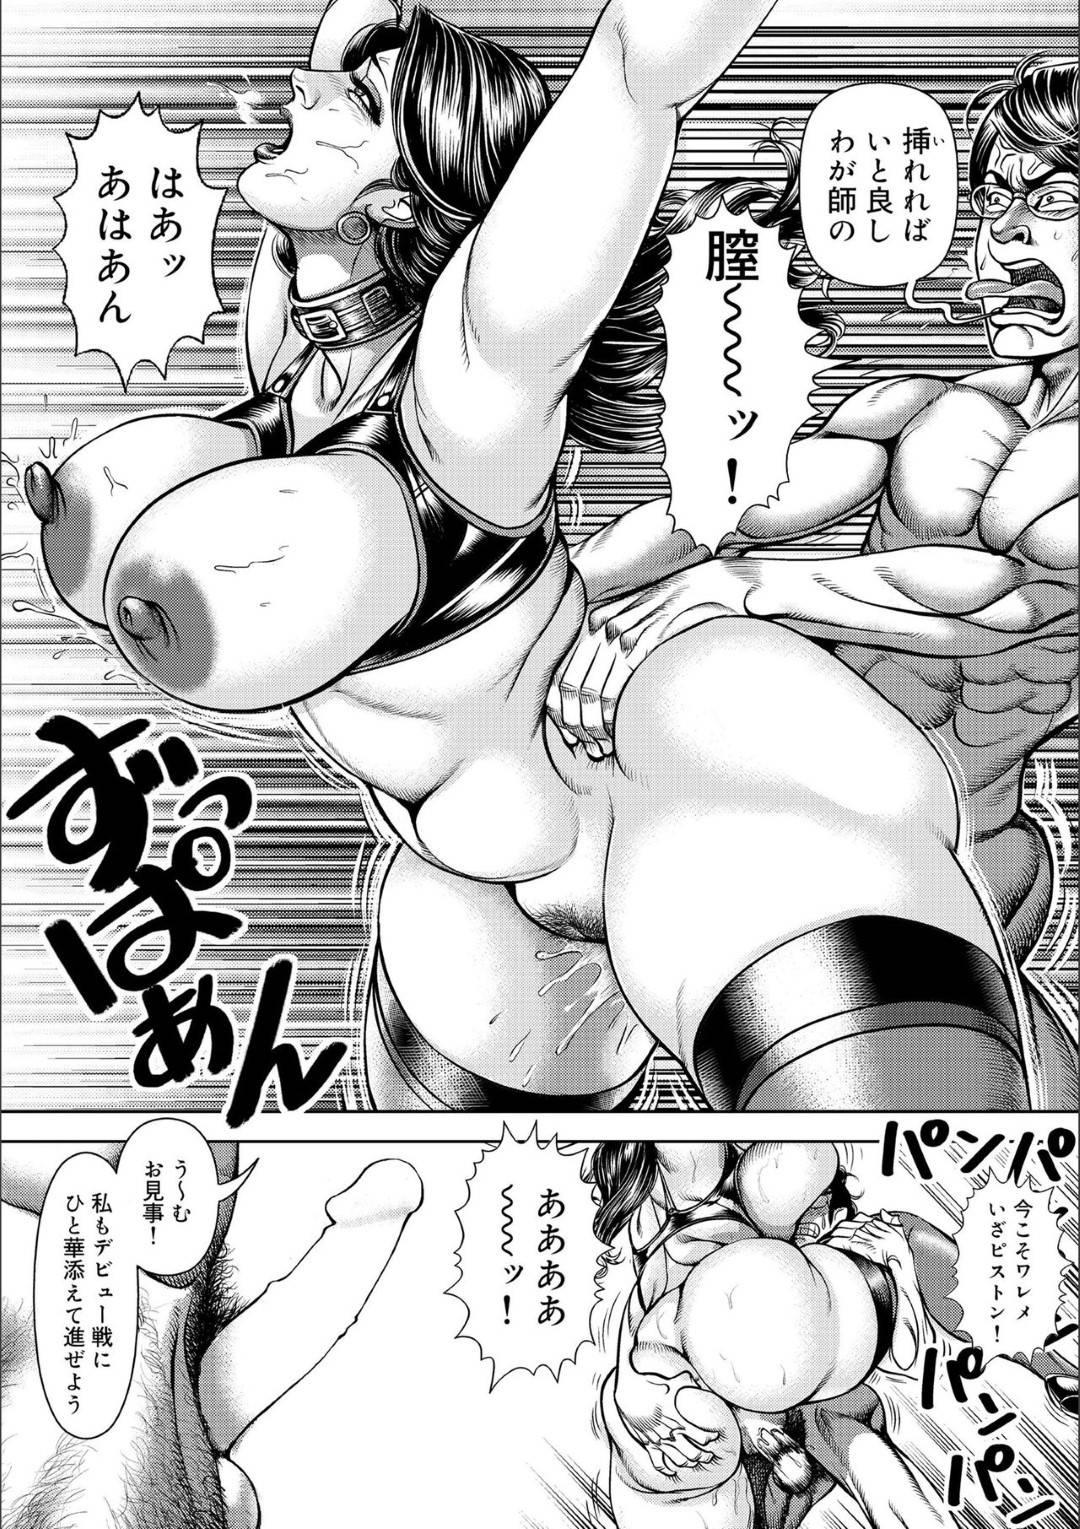 【エロ漫画】受験生男子を逆レイプする女講師は途中で入ってきた学院長にレイプされ生ハメ3Pセックスで性奴隷堕ち